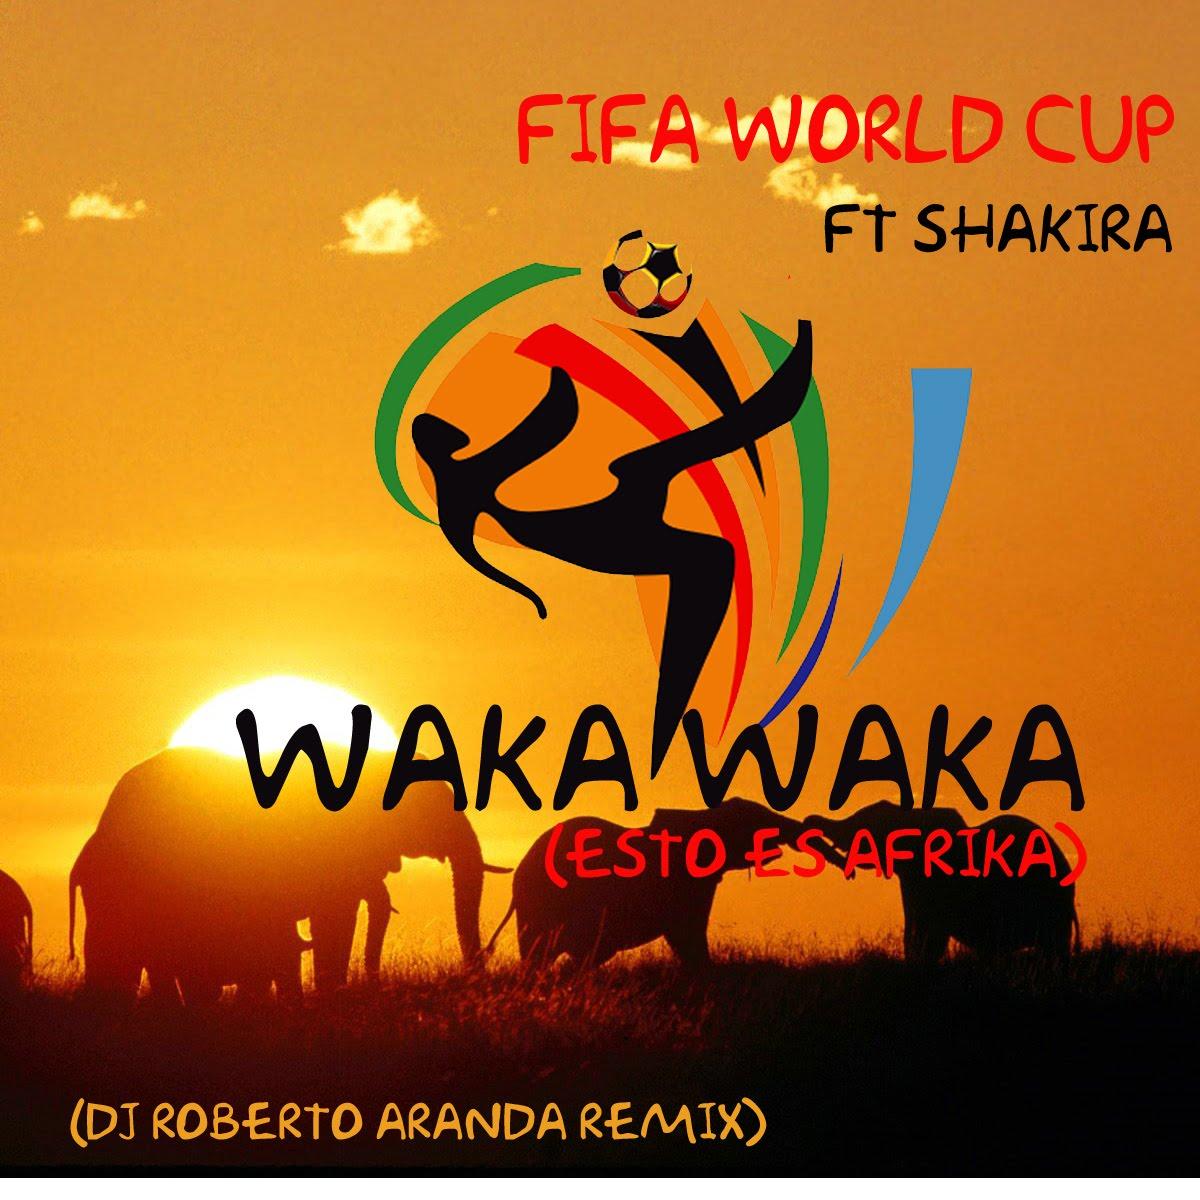 http://3.bp.blogspot.com/_xrwR7-SxxCw/TDNW2O6Z9gI/AAAAAAAAAr4/1IK5VsDVmjo/s1600/Waka+Waka.jpg